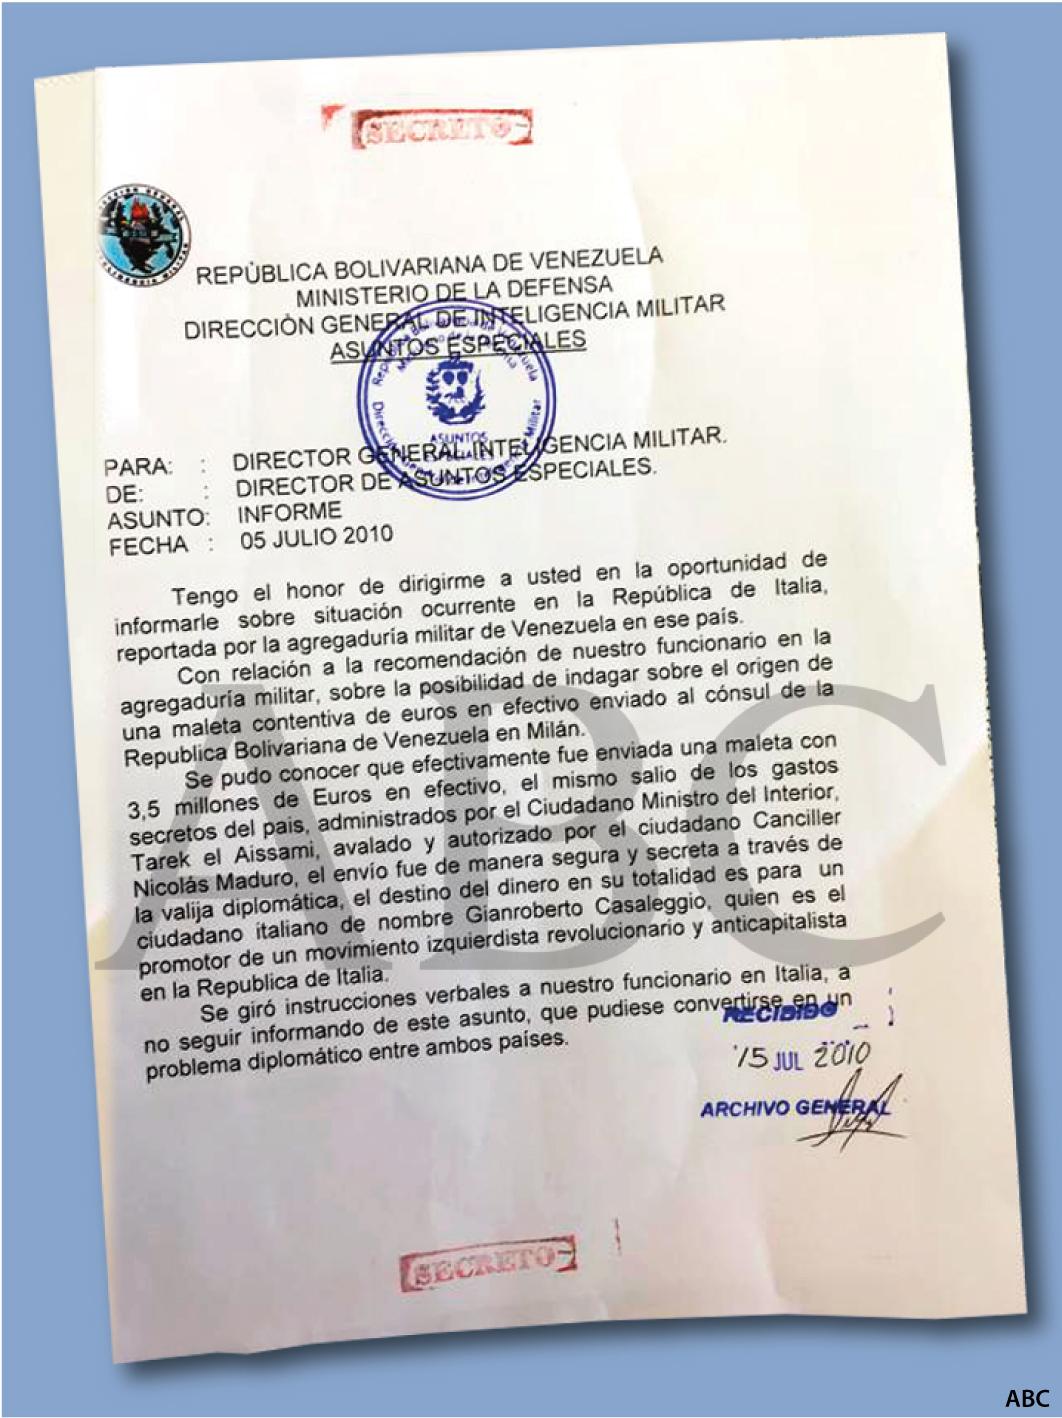 Documento secreto en el que se reconoce el envío de 3,5 millones a Milán